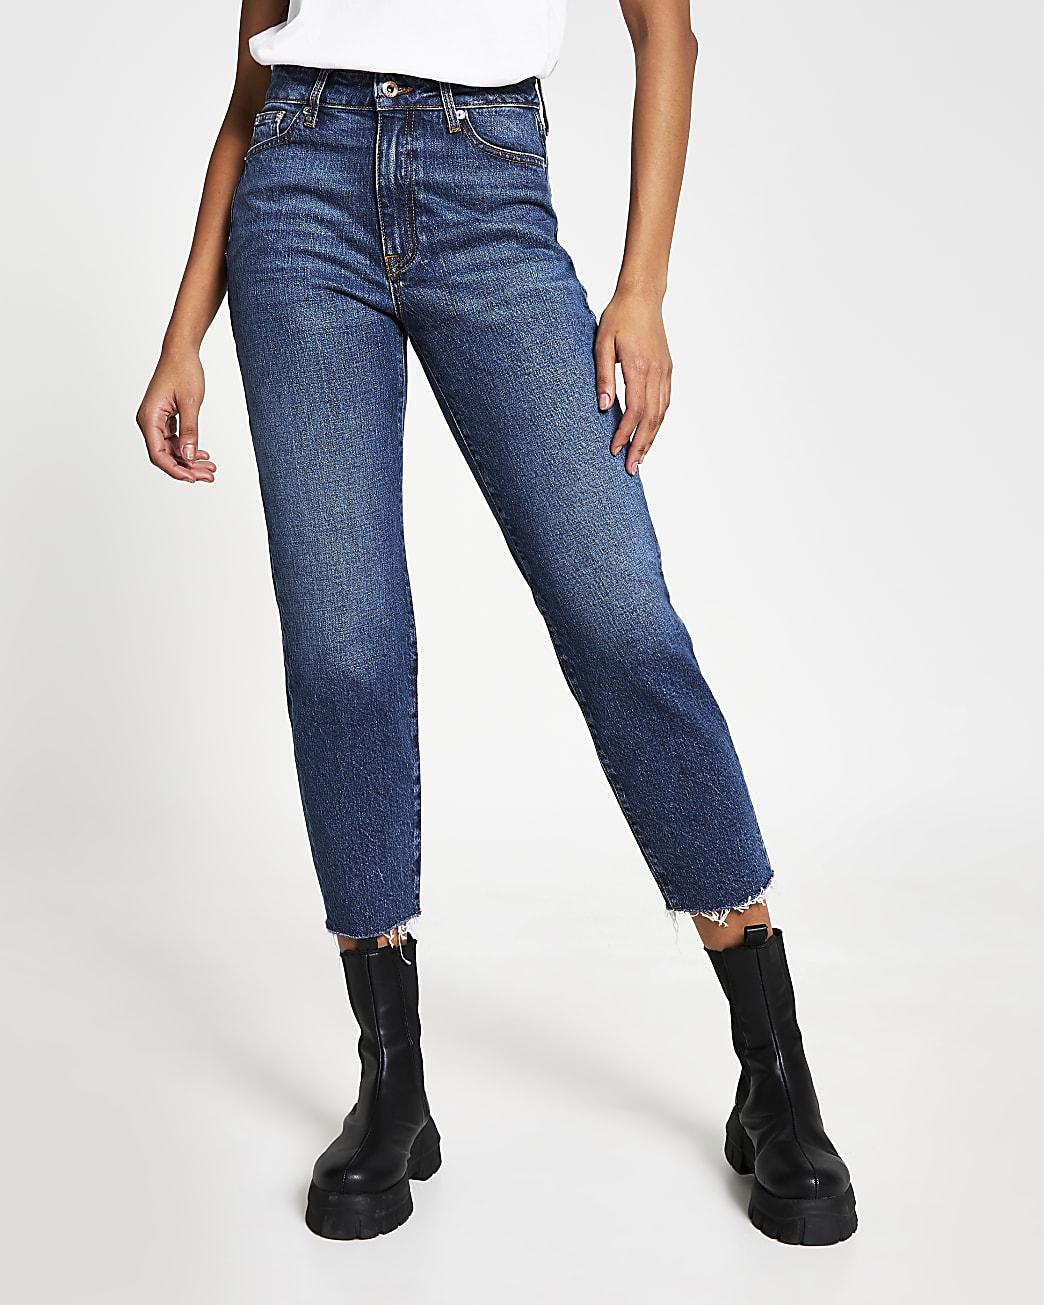 Blue high waisted blair straight jeans